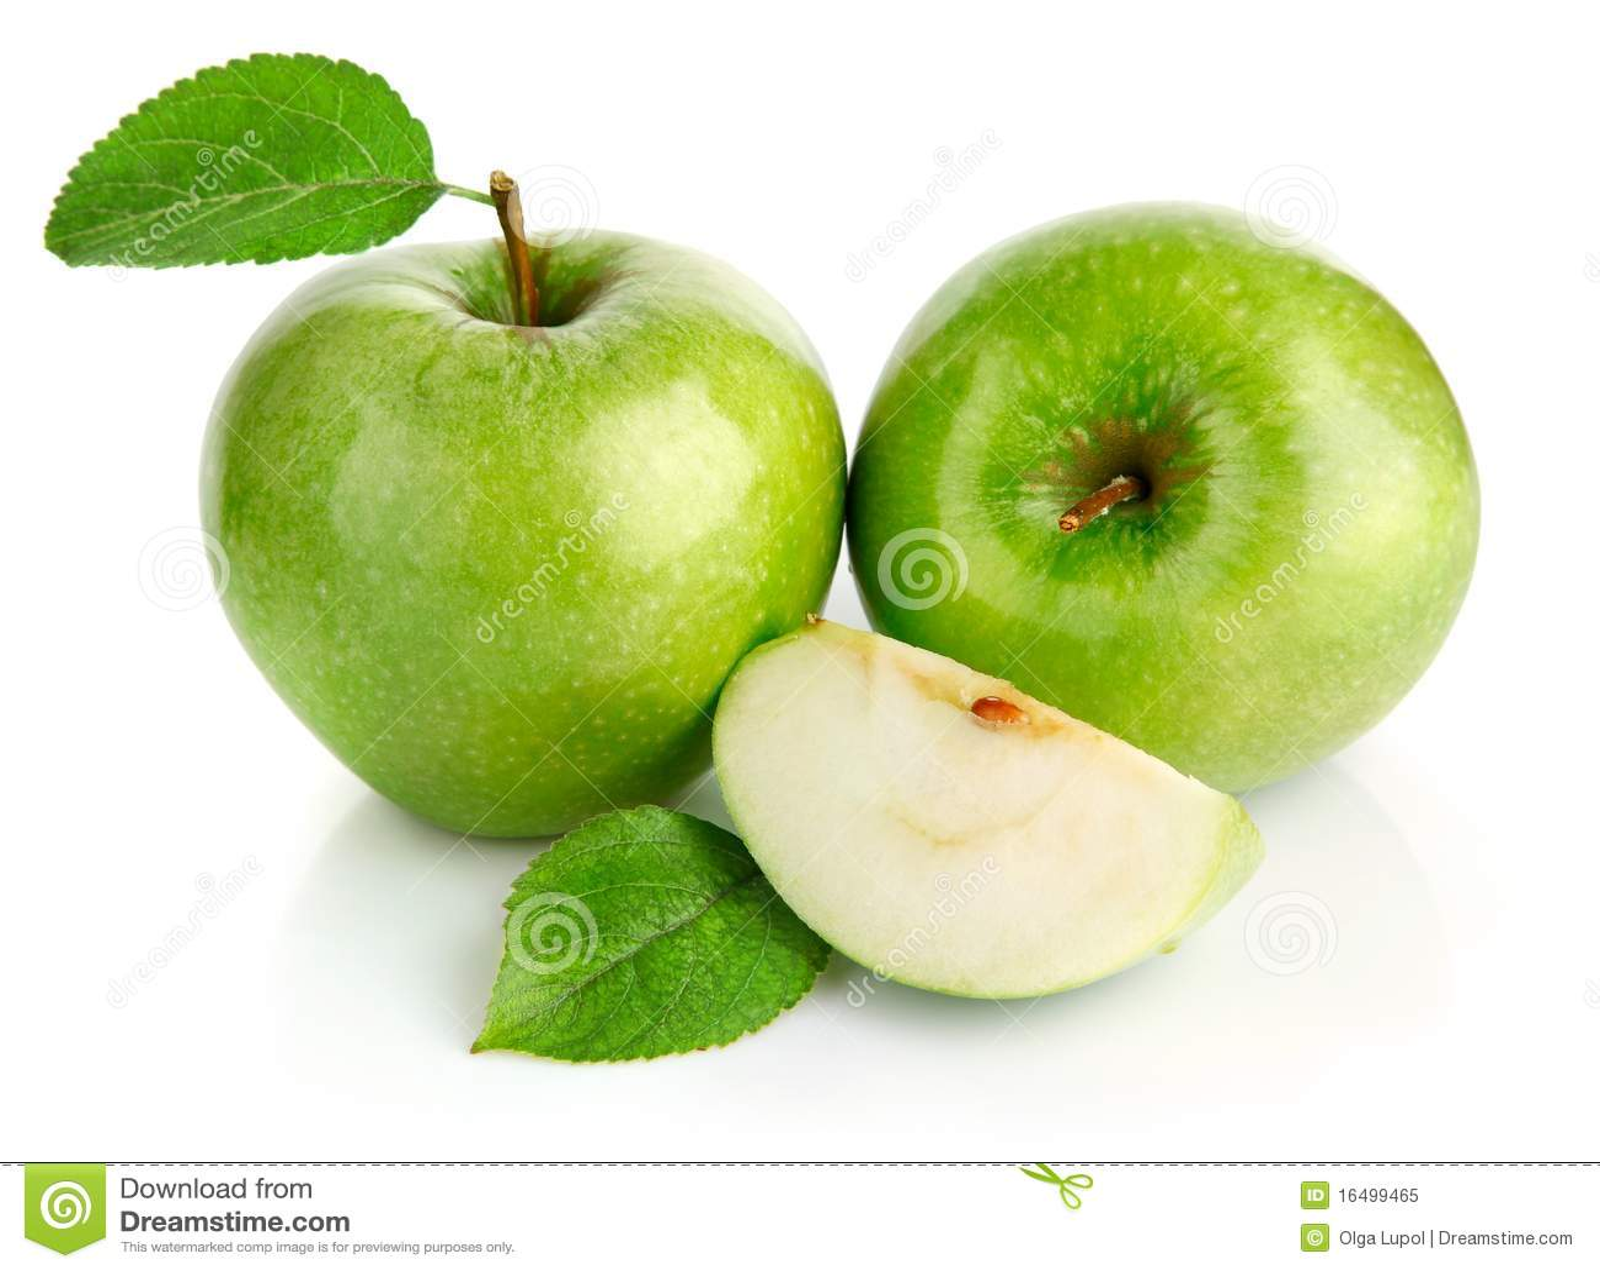 äpplesnittet bär fruktt green